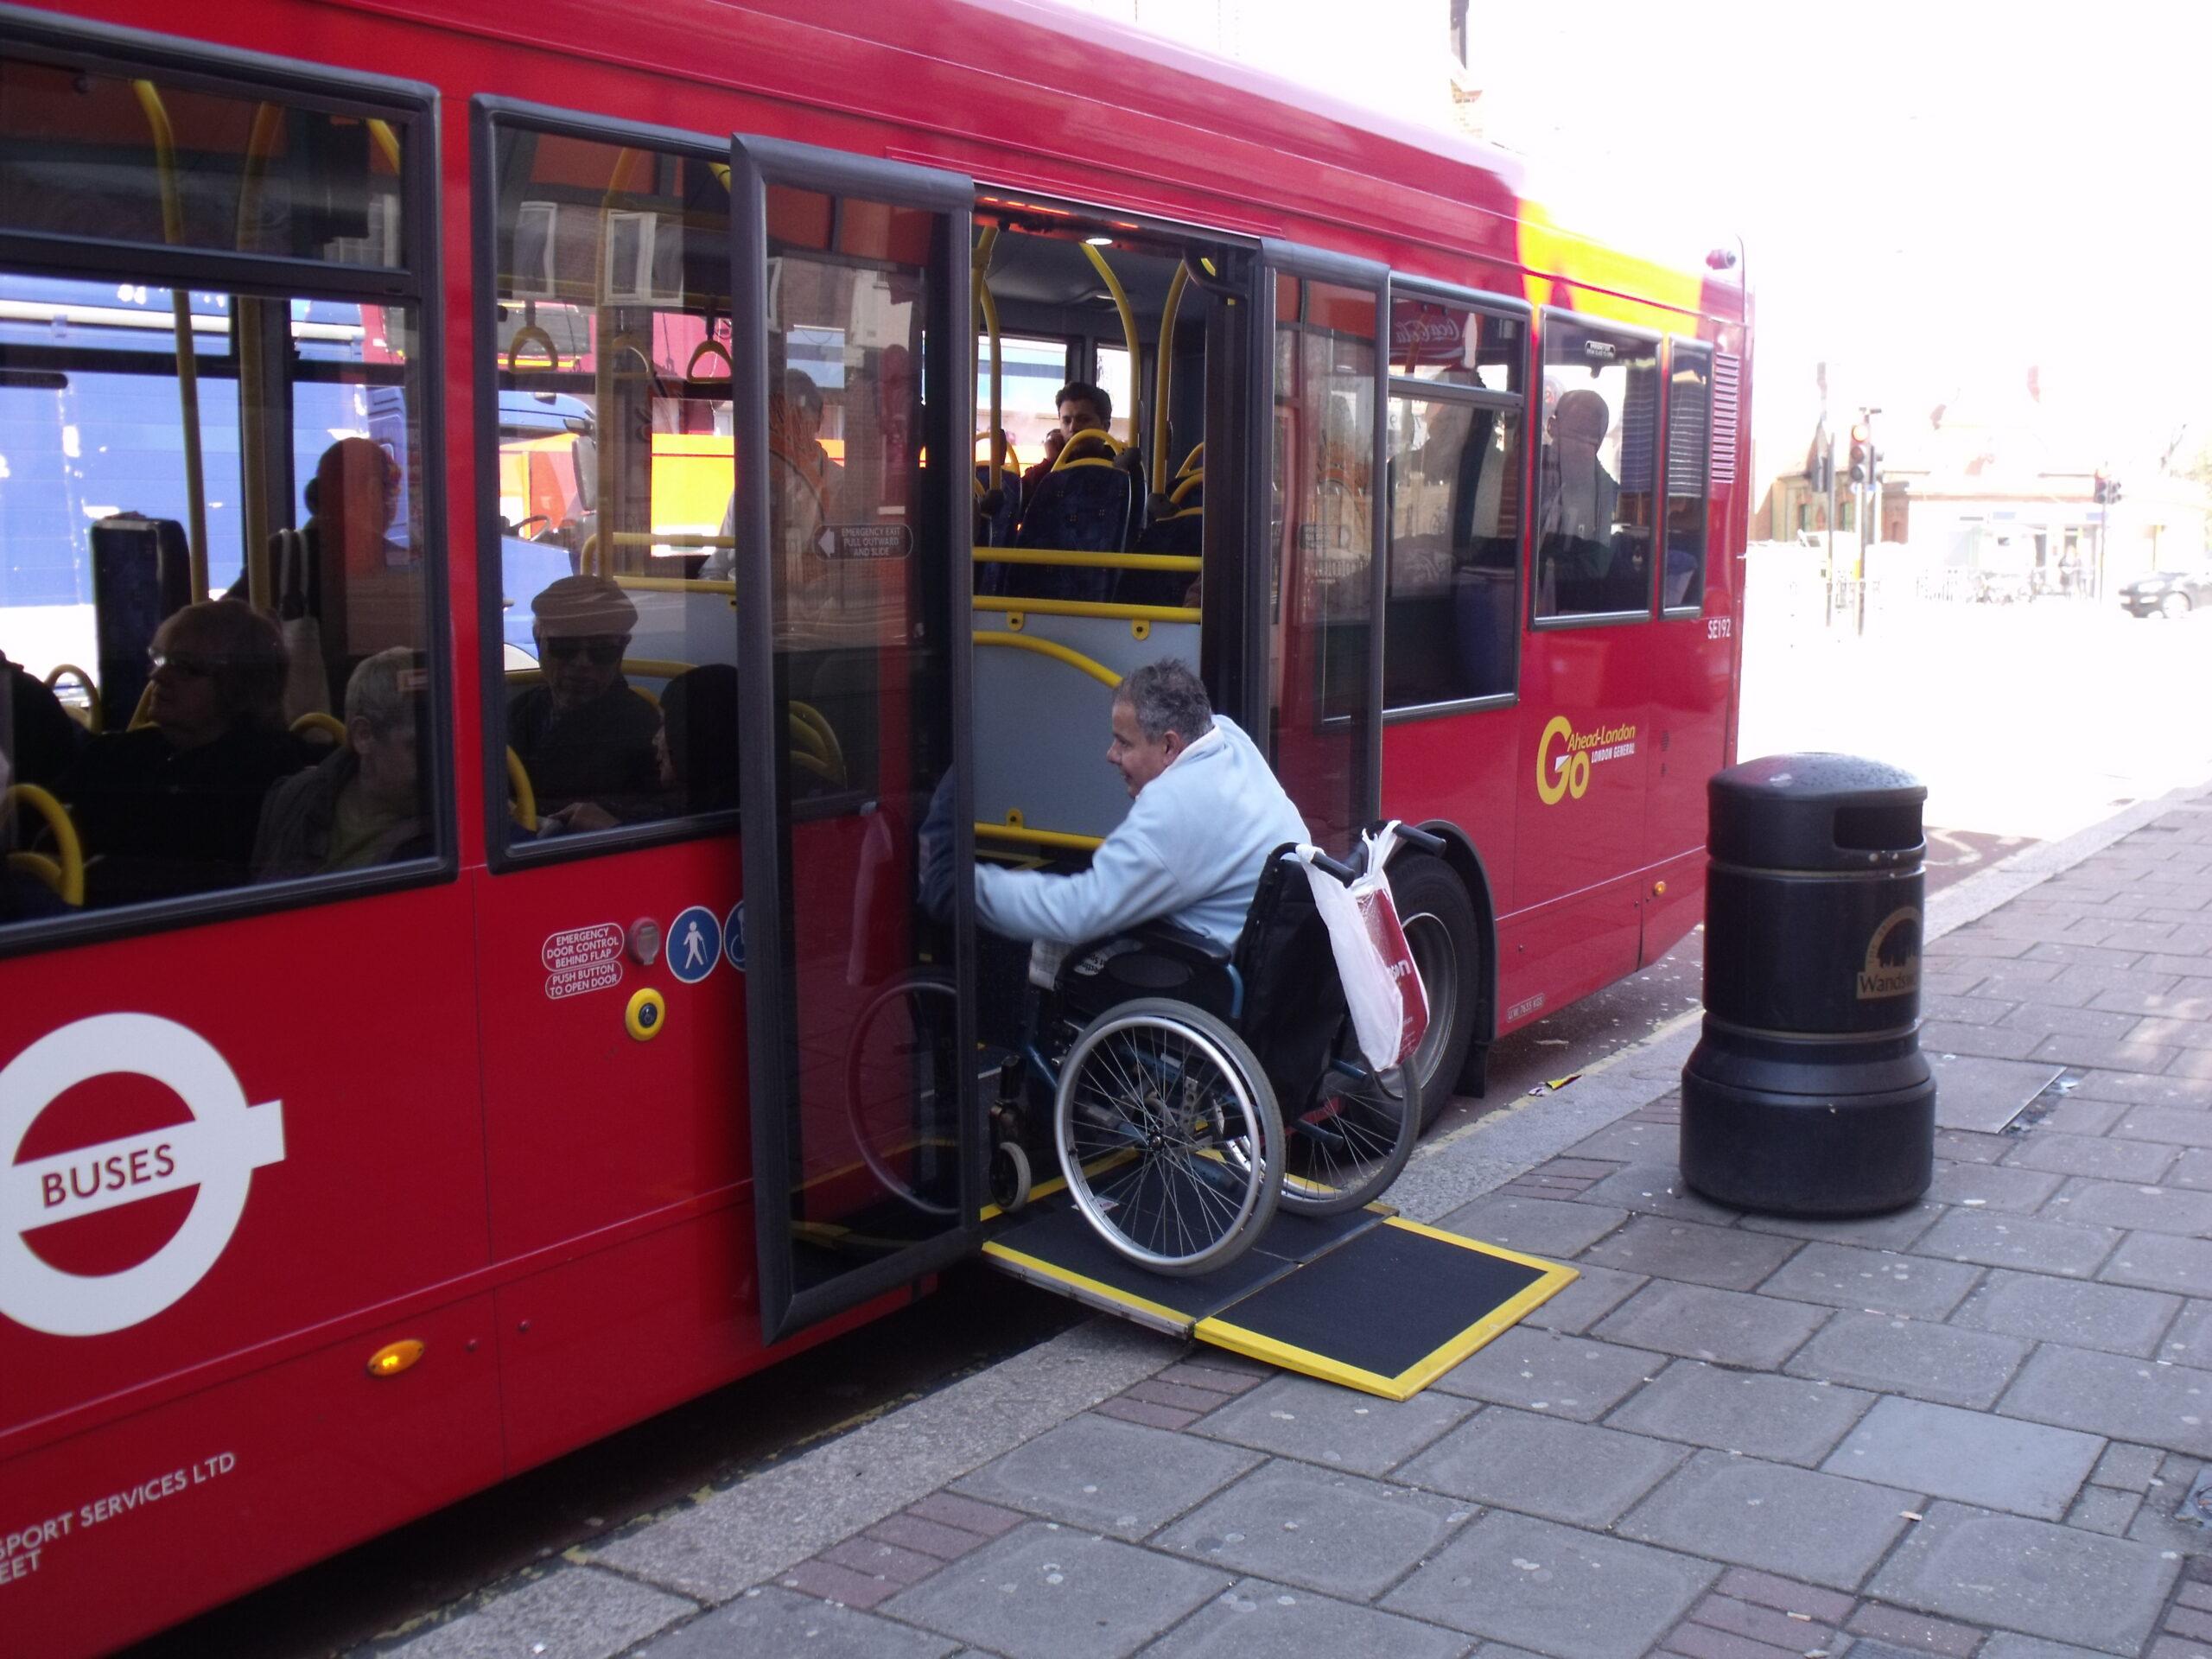 Wheelchair user entering bus